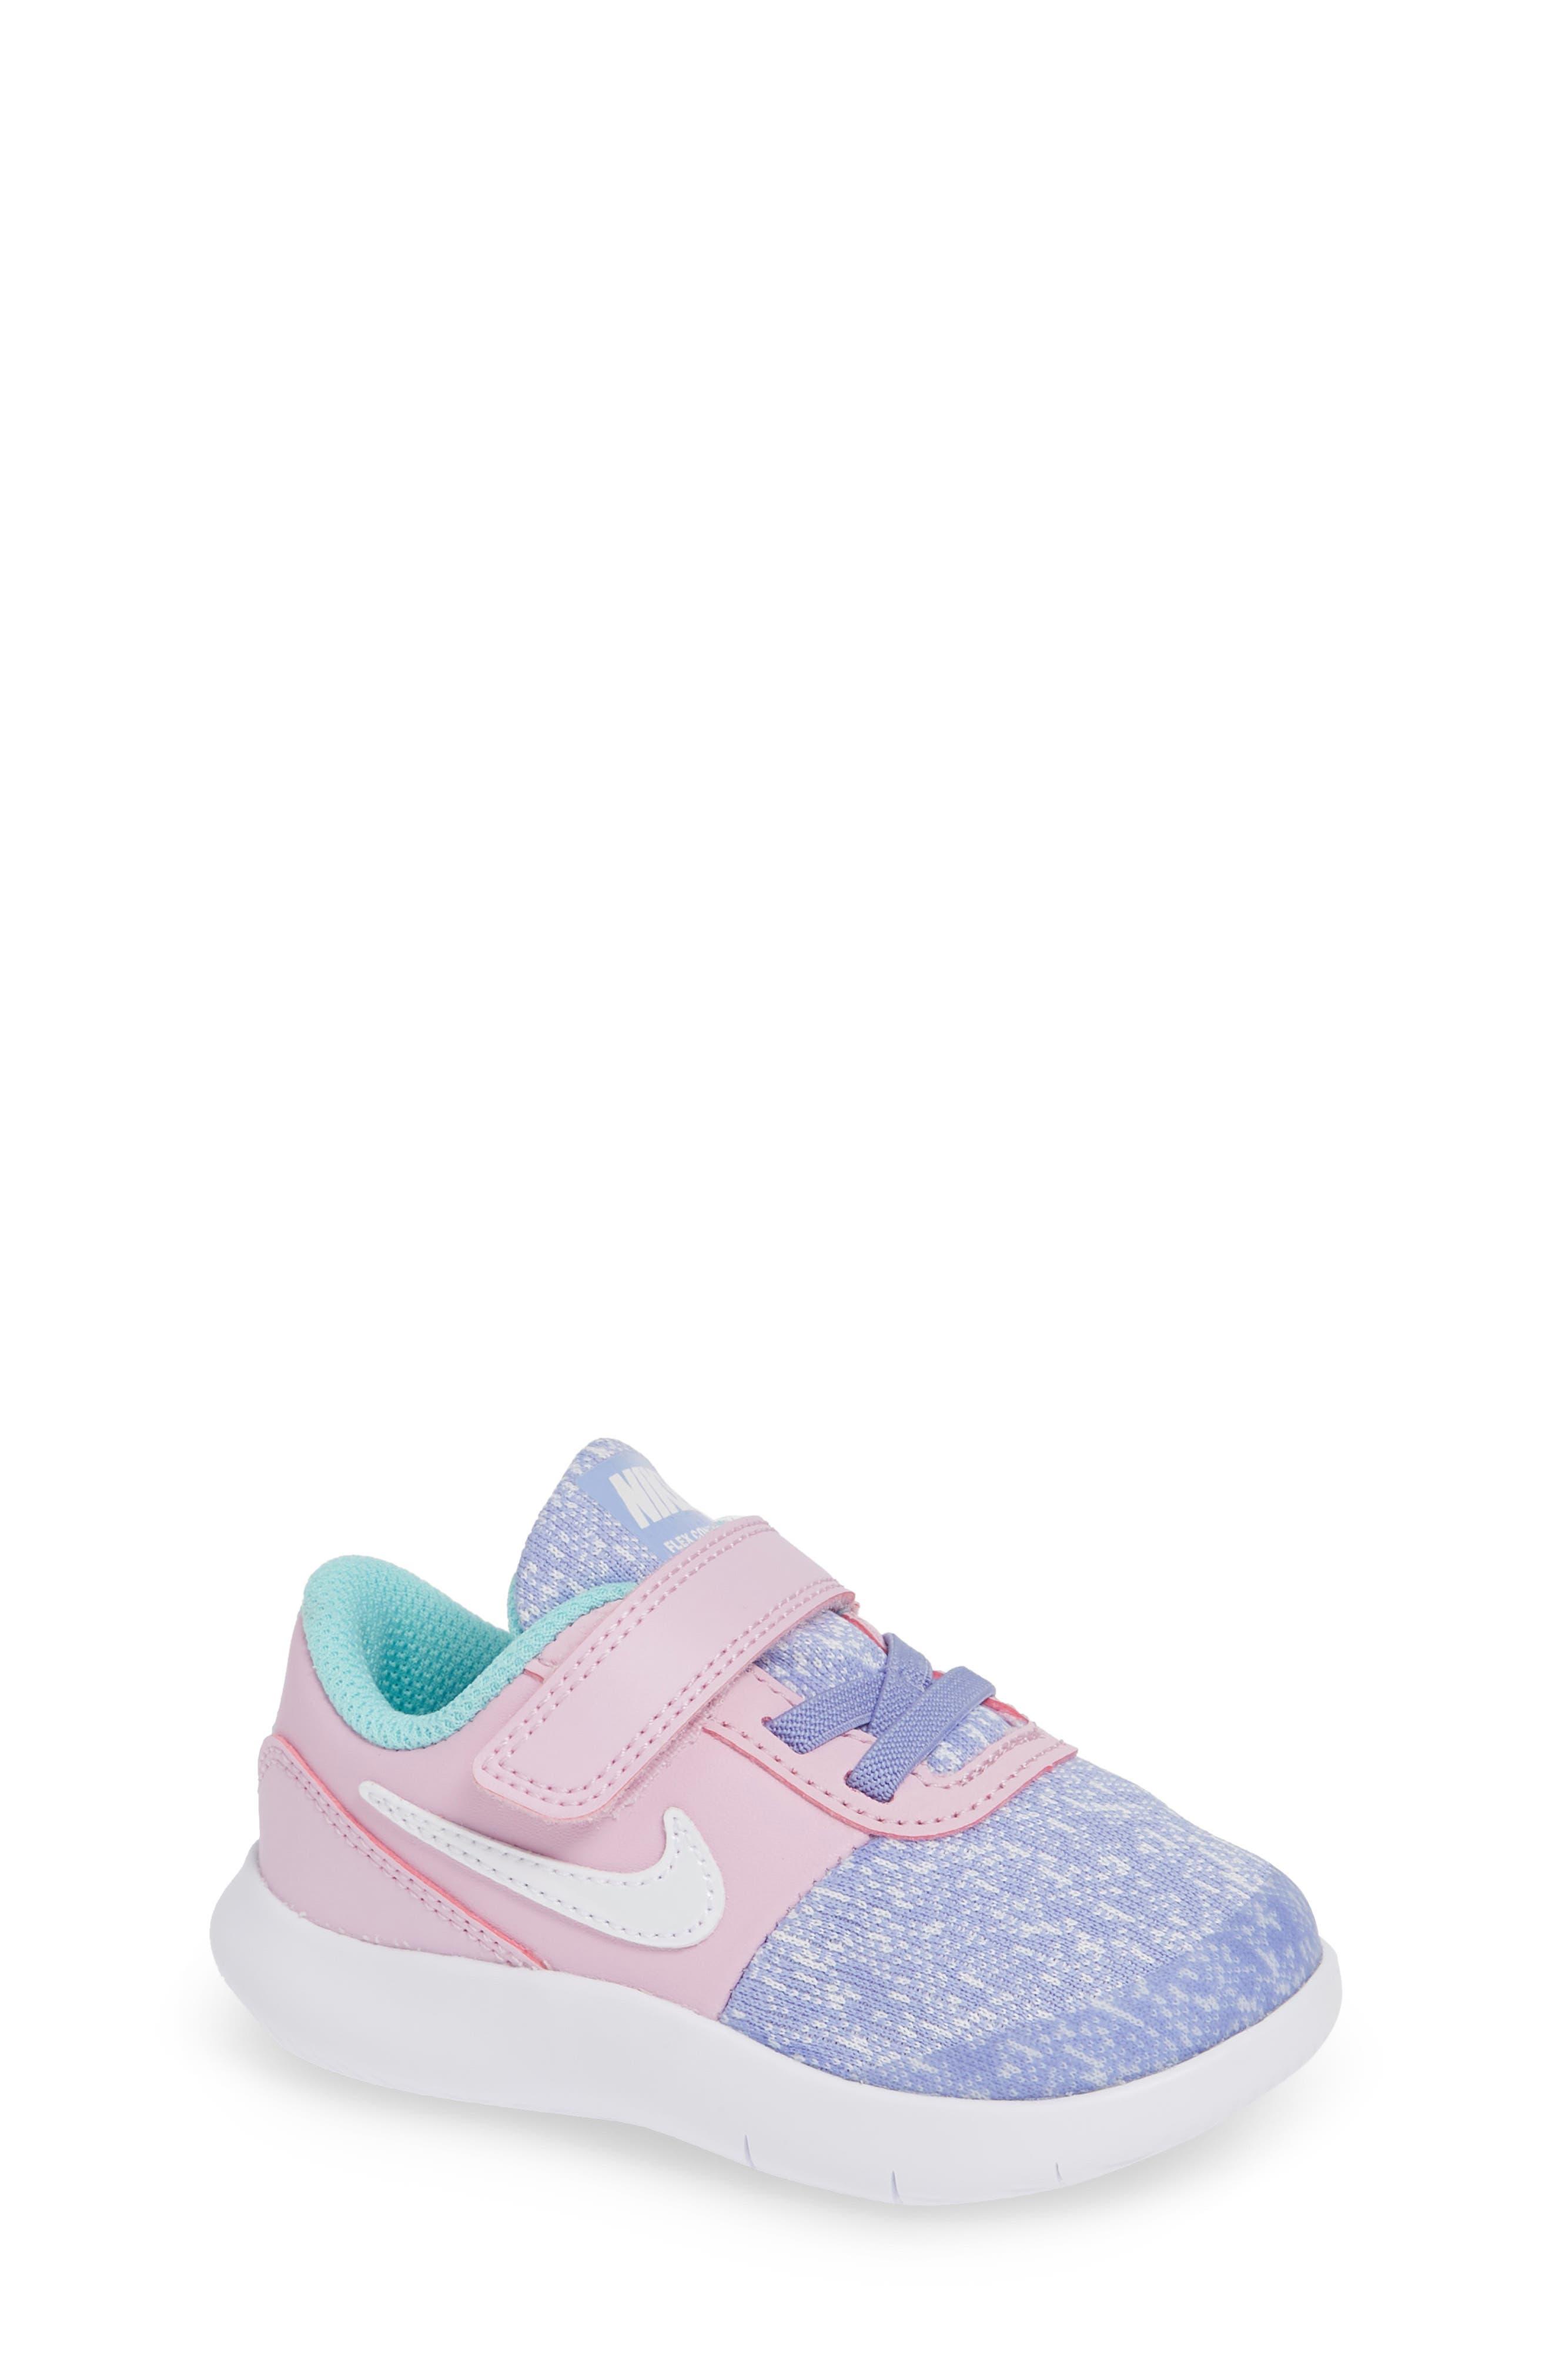 Nike Flex Contact Running Shoe (Baby